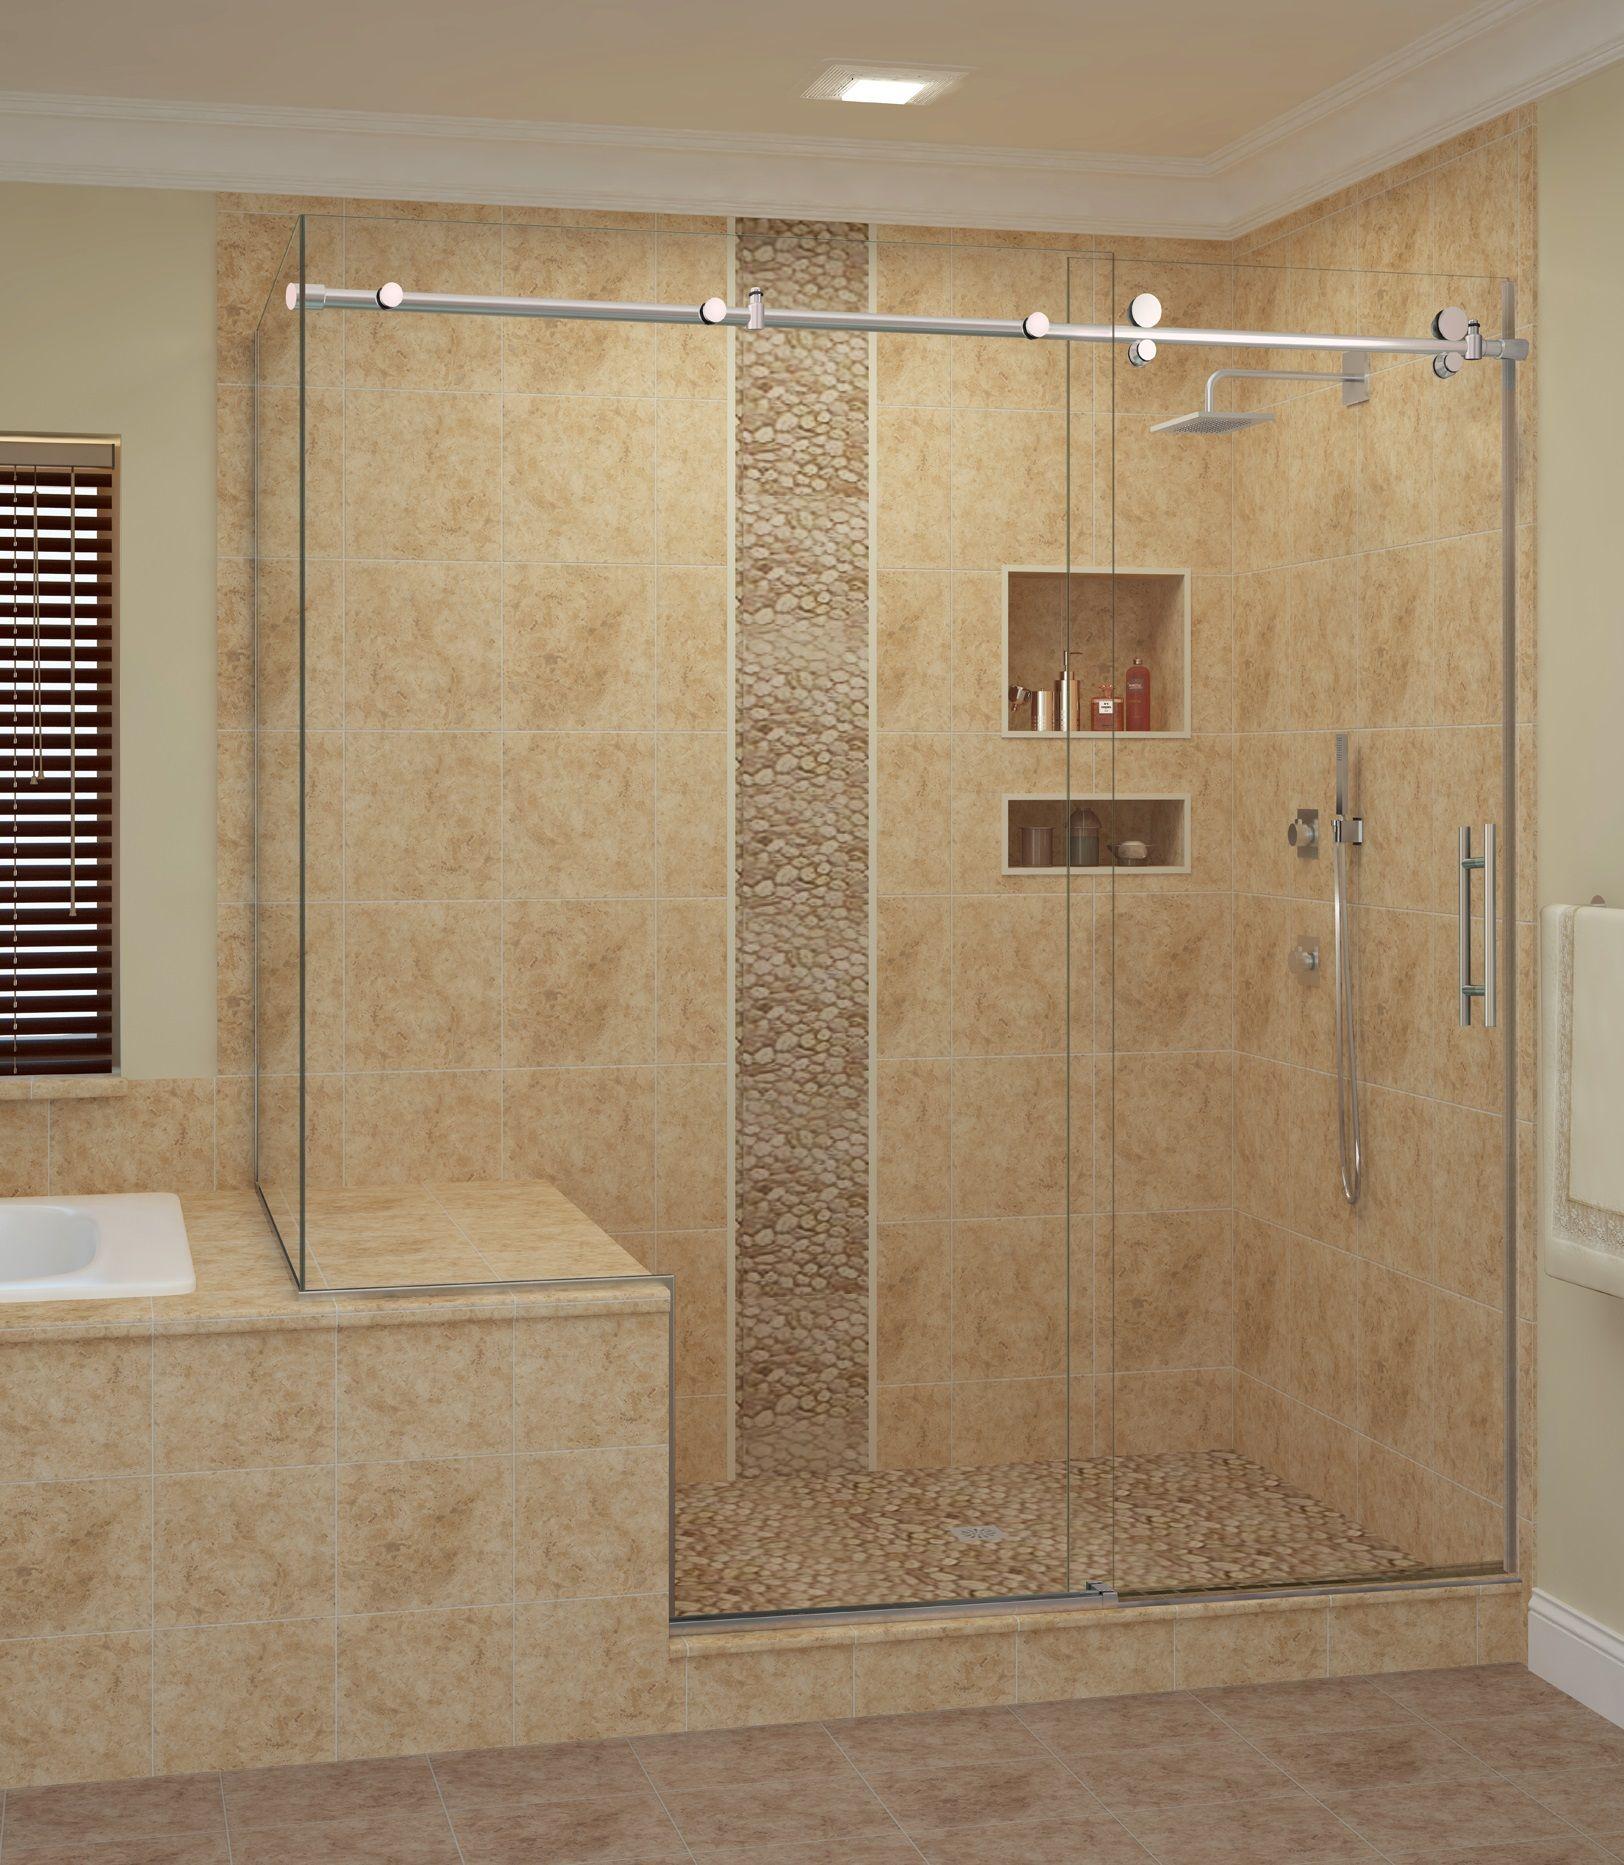 Eclipse Exposed Roller Doors Bathroom Shower Enclosures Small Bathroom With Shower Shower Doors